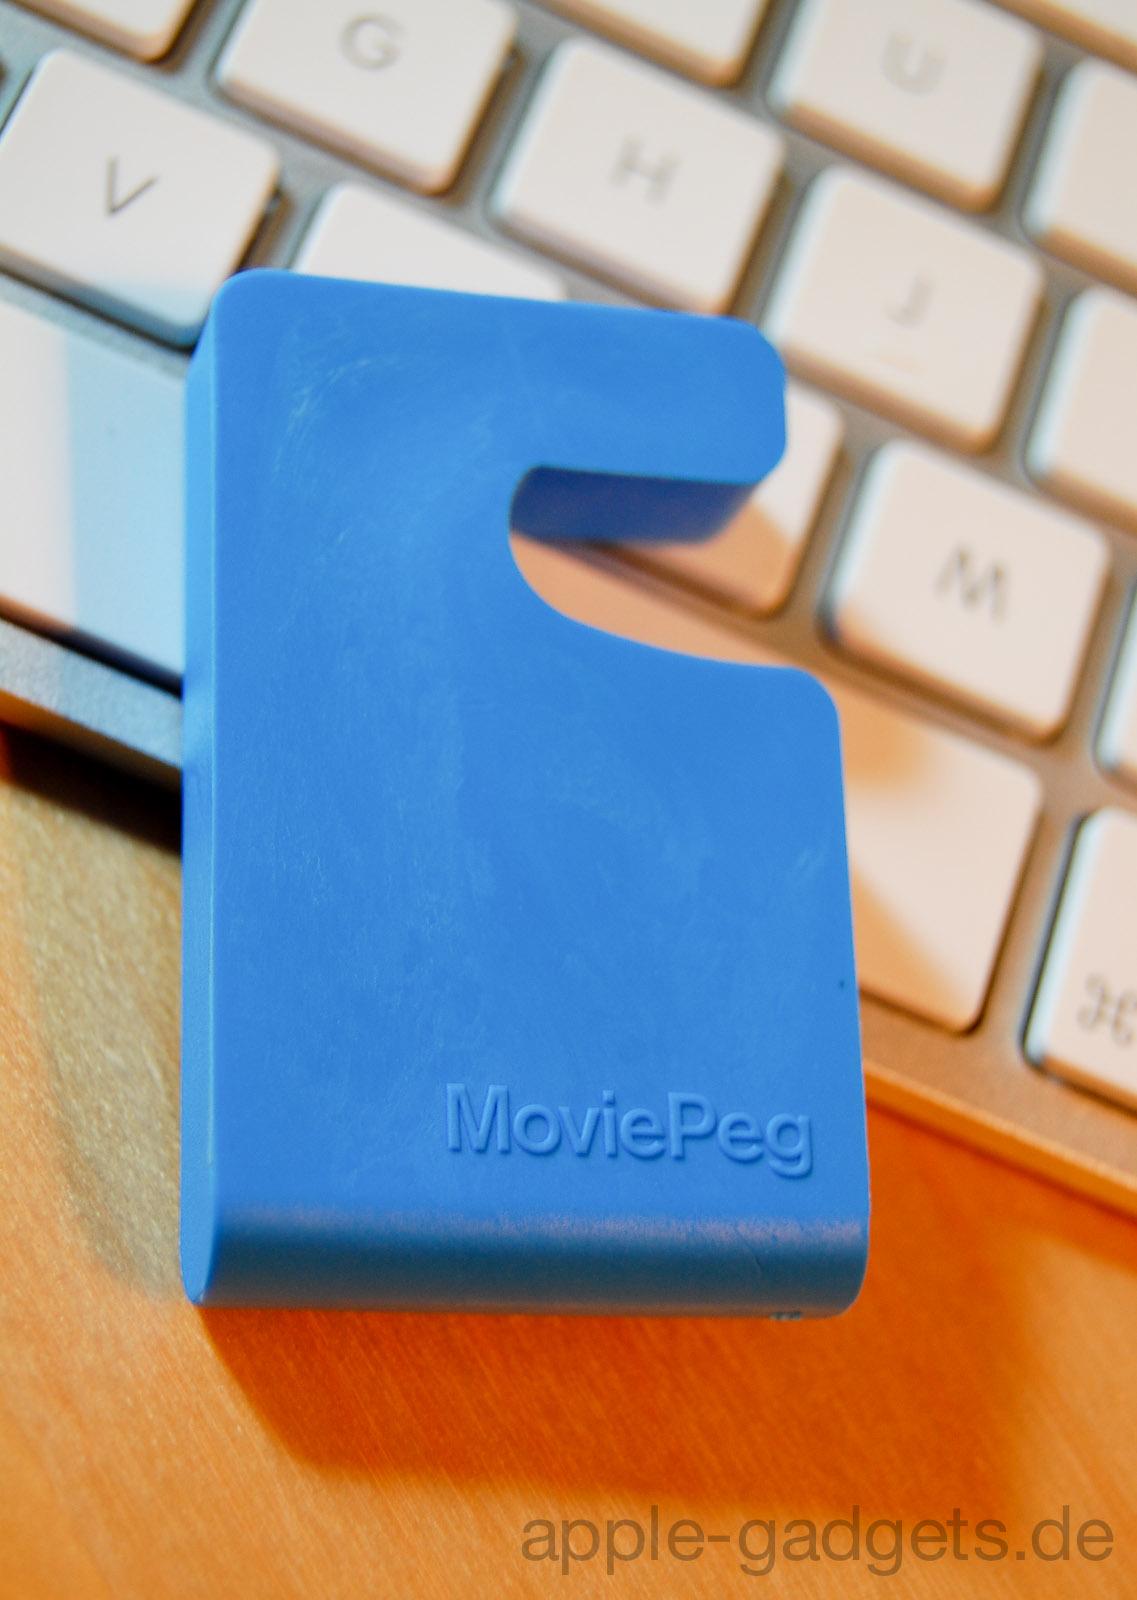 moviepeg-009